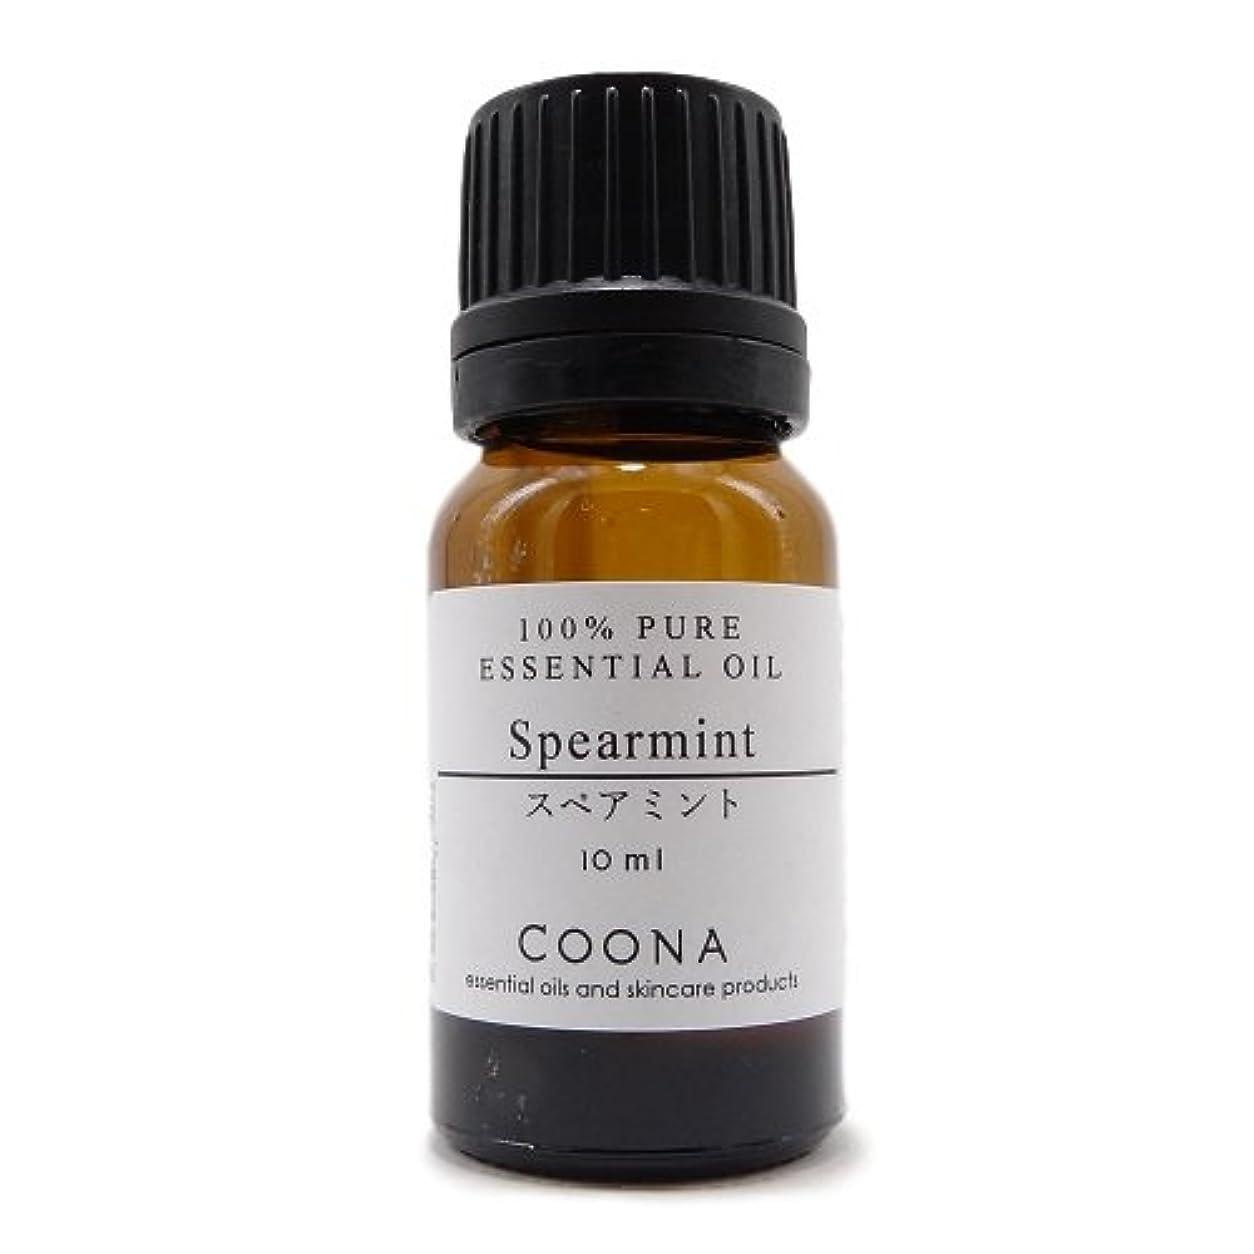 品種スケルトン抜け目がないスペアミント 10 ml (COONA エッセンシャルオイル アロマオイル 100%天然植物精油)